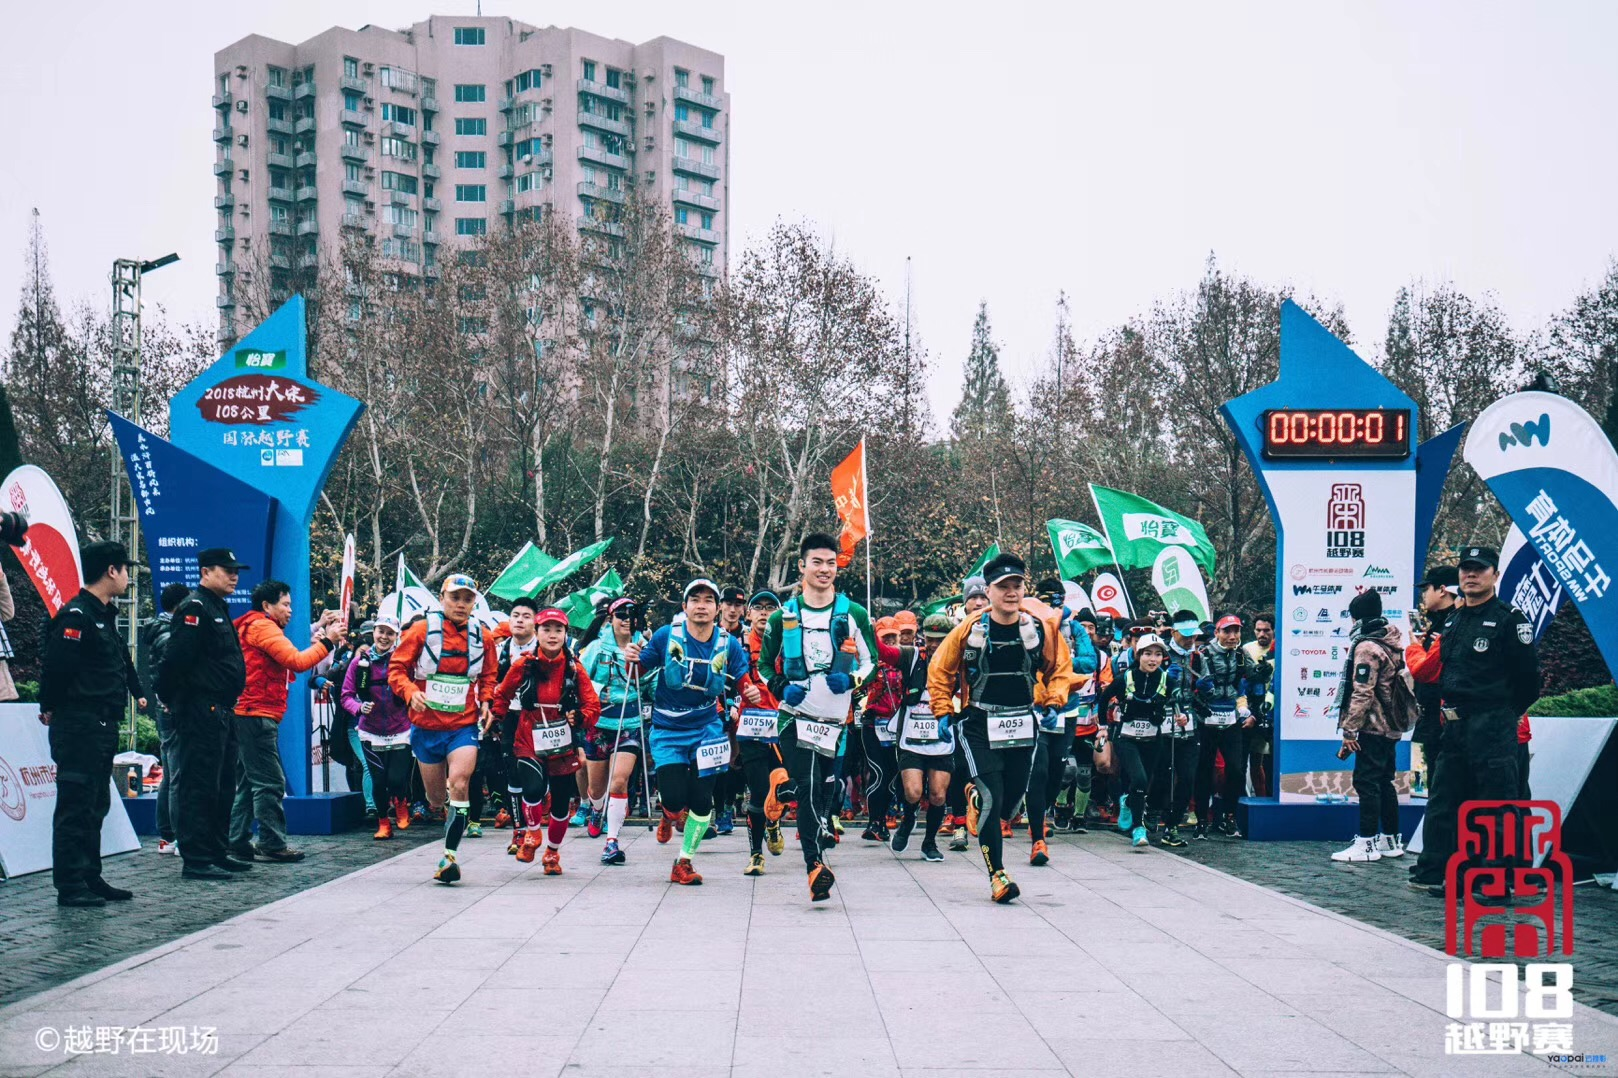 2018杭州大宋108公里国际越野赛今日鸣枪开跑